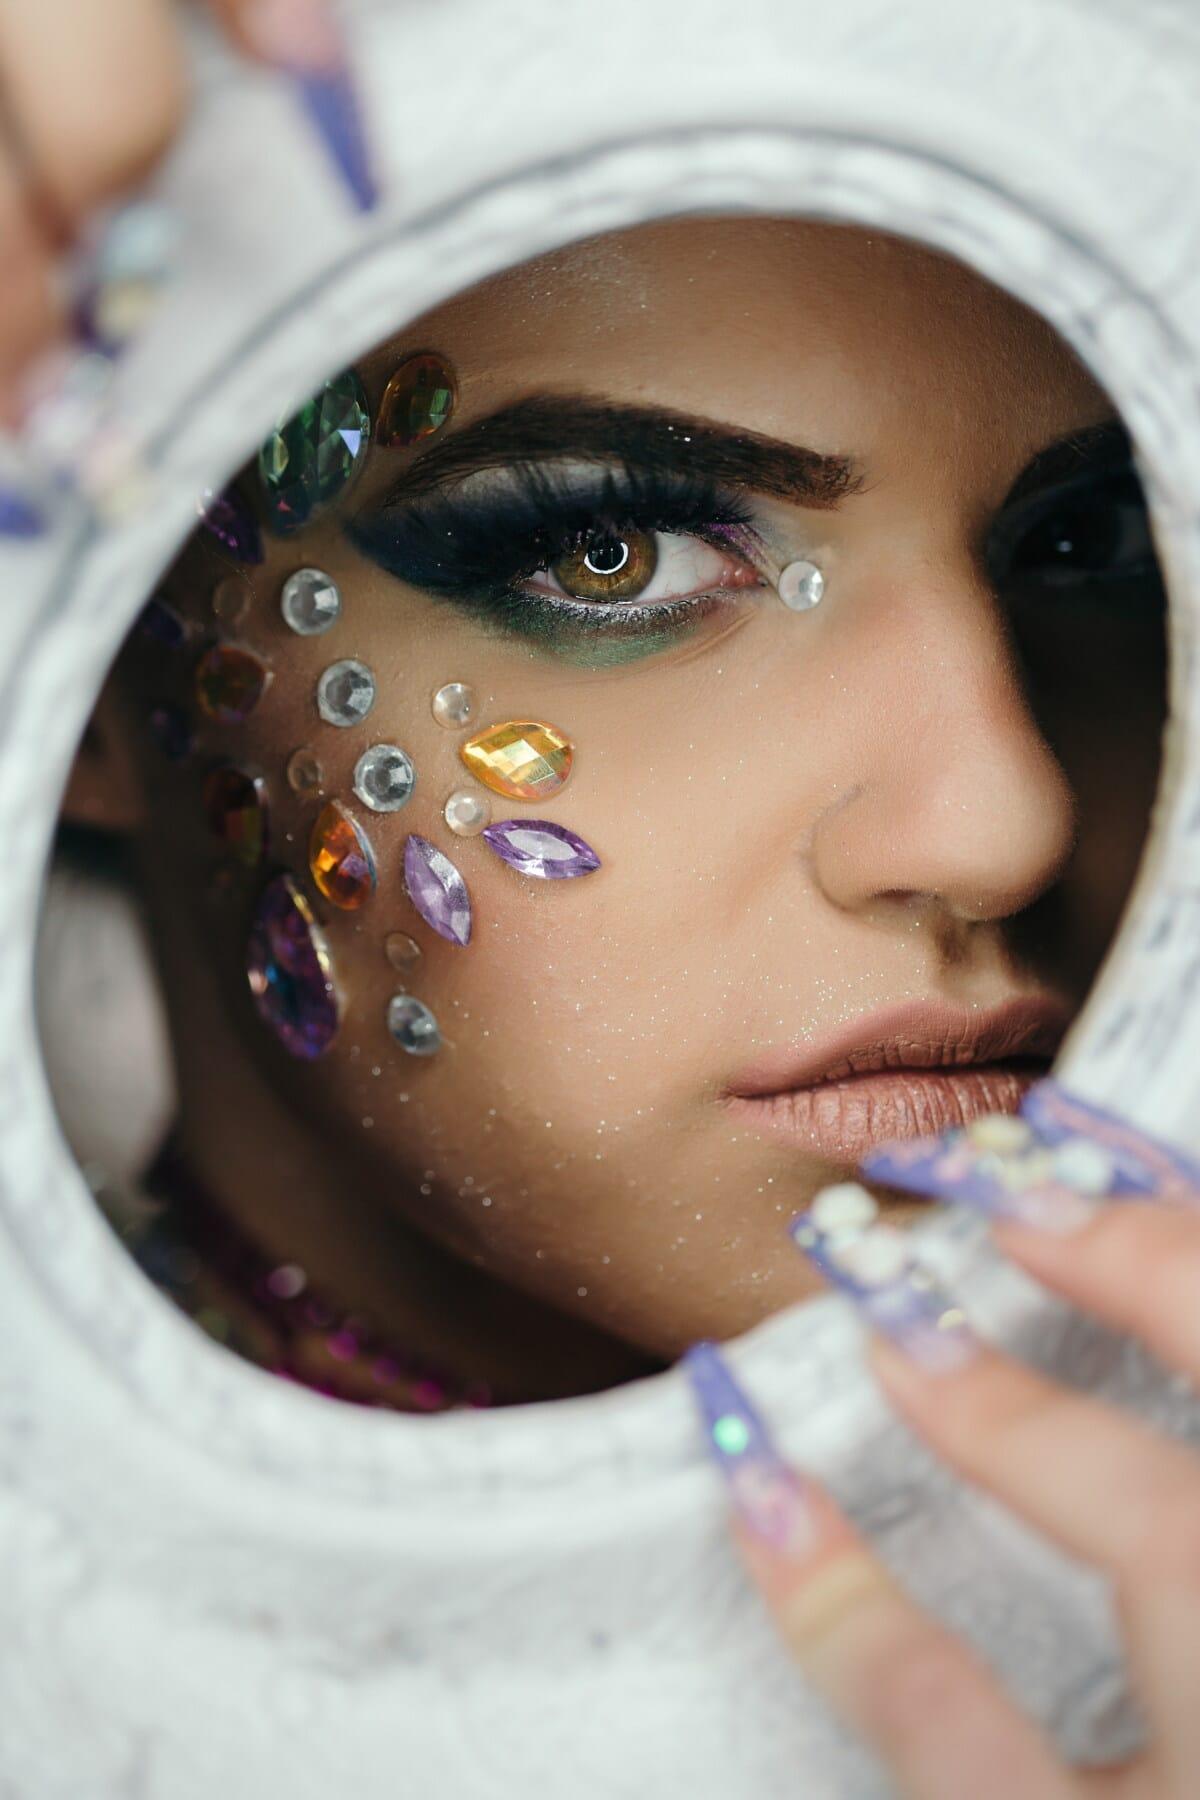 око, вії, шкіра, мода, Косметика, макіяж, підліток, фантазії, симпатична дівчина, дівчина